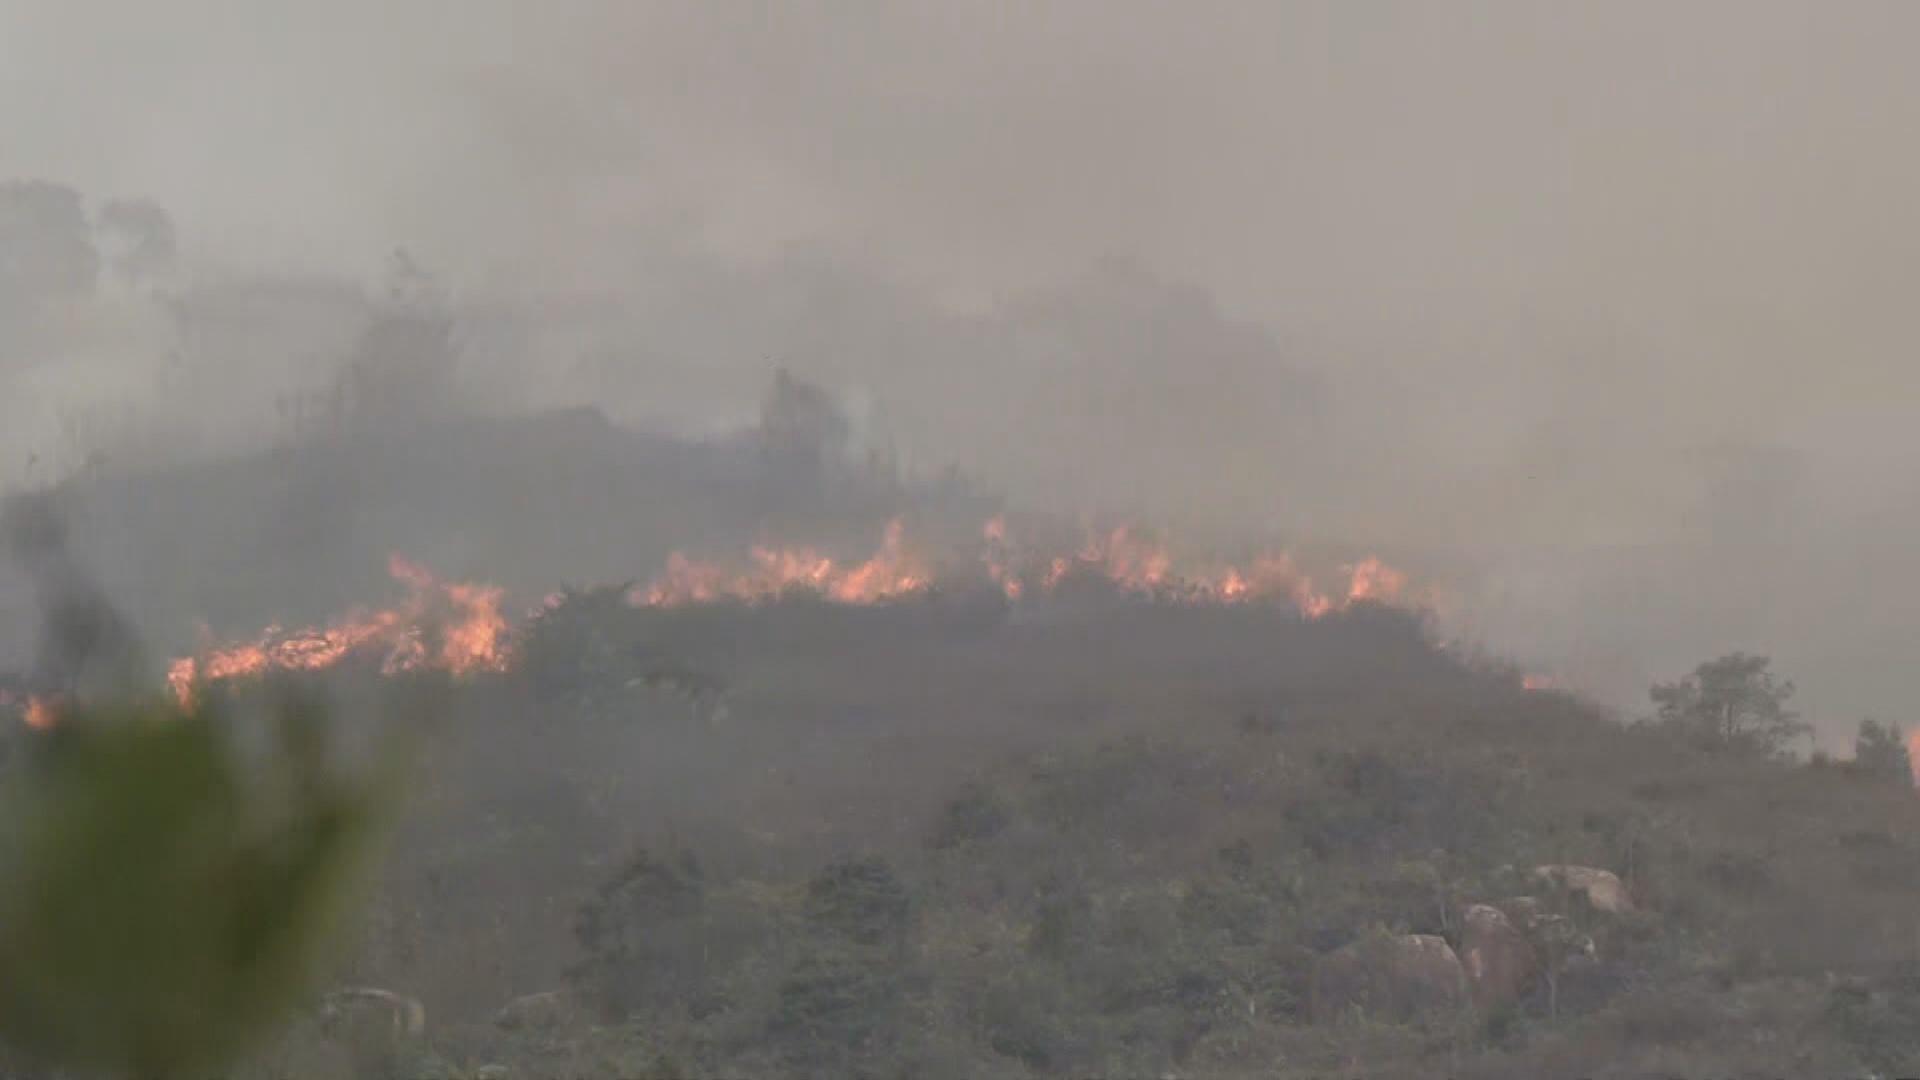 黃色火災危險警告下新界多處發生山火